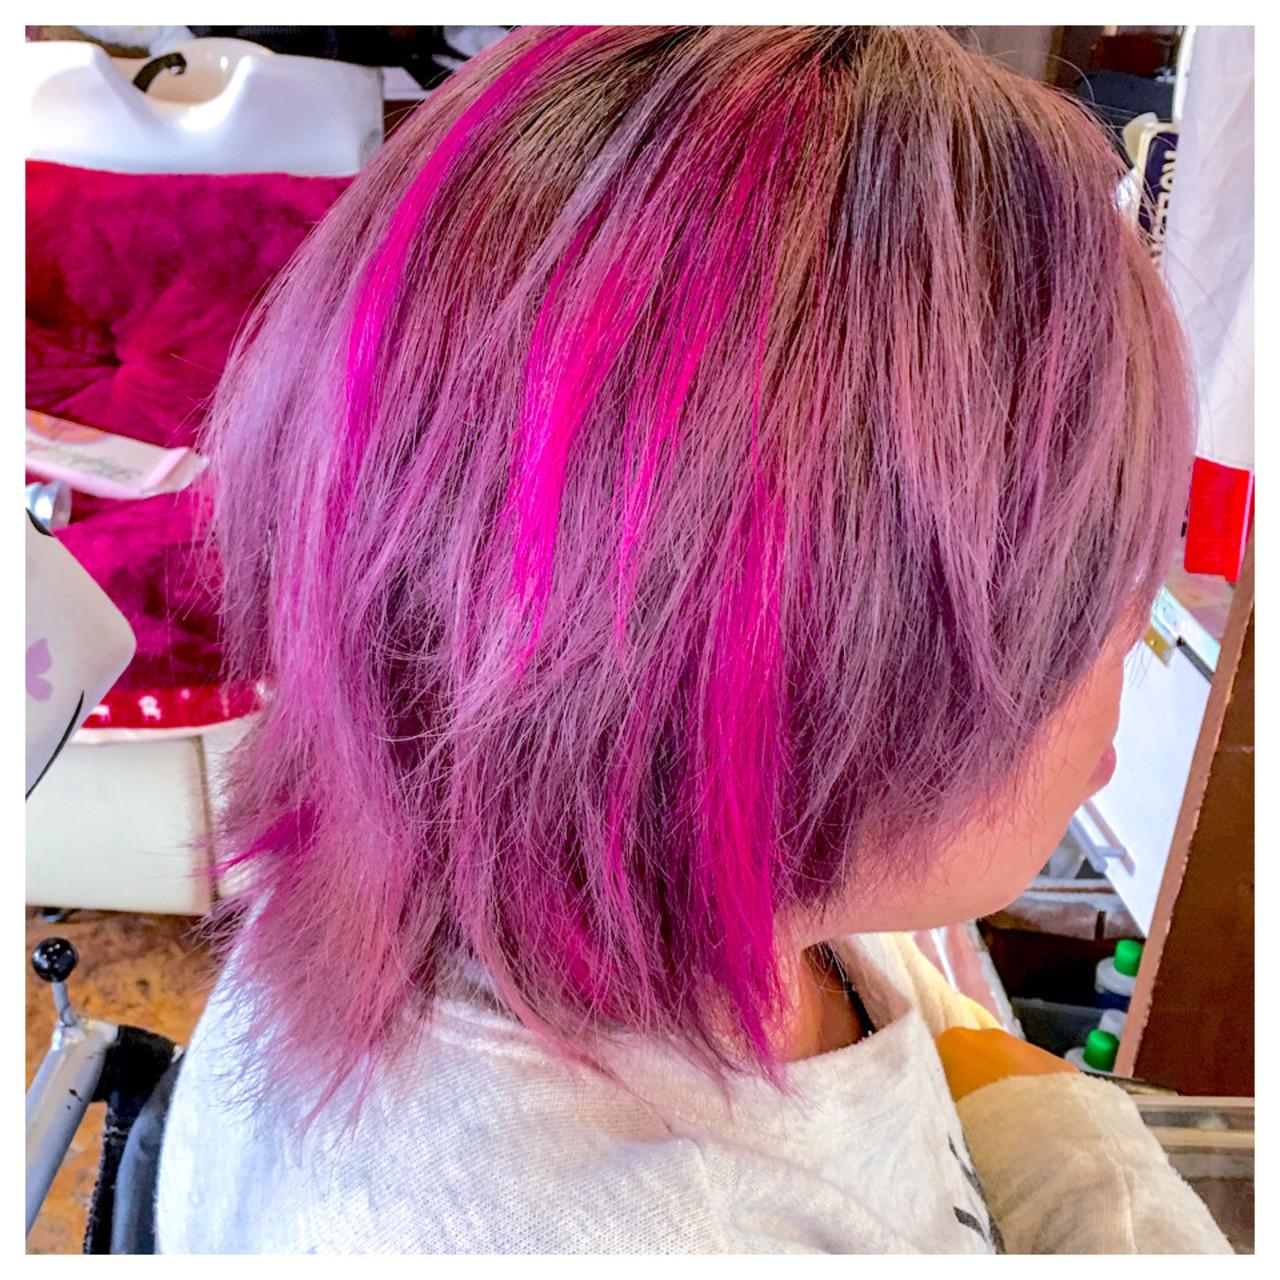 ピンク ヘアアレンジ ストリート ベージュ ヘアスタイルや髪型の写真・画像